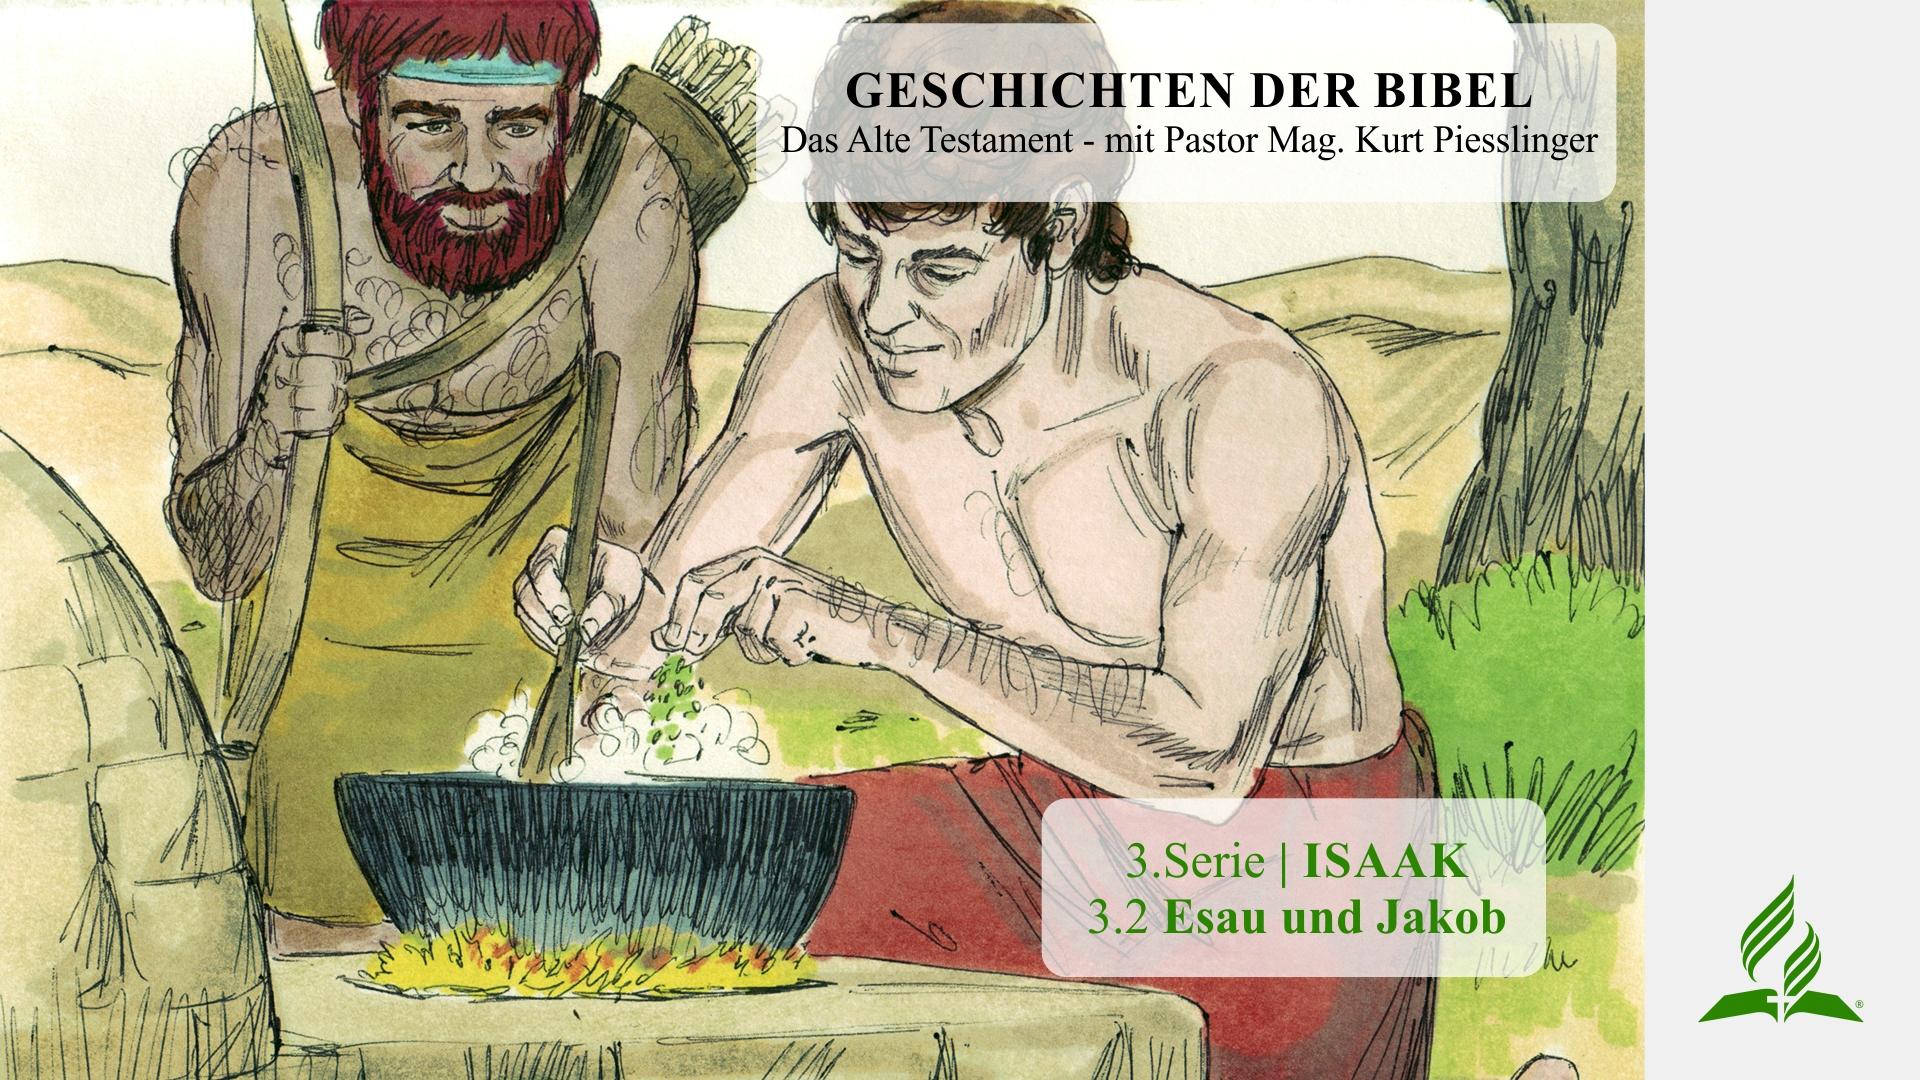 3.2 Esau und Jakob x